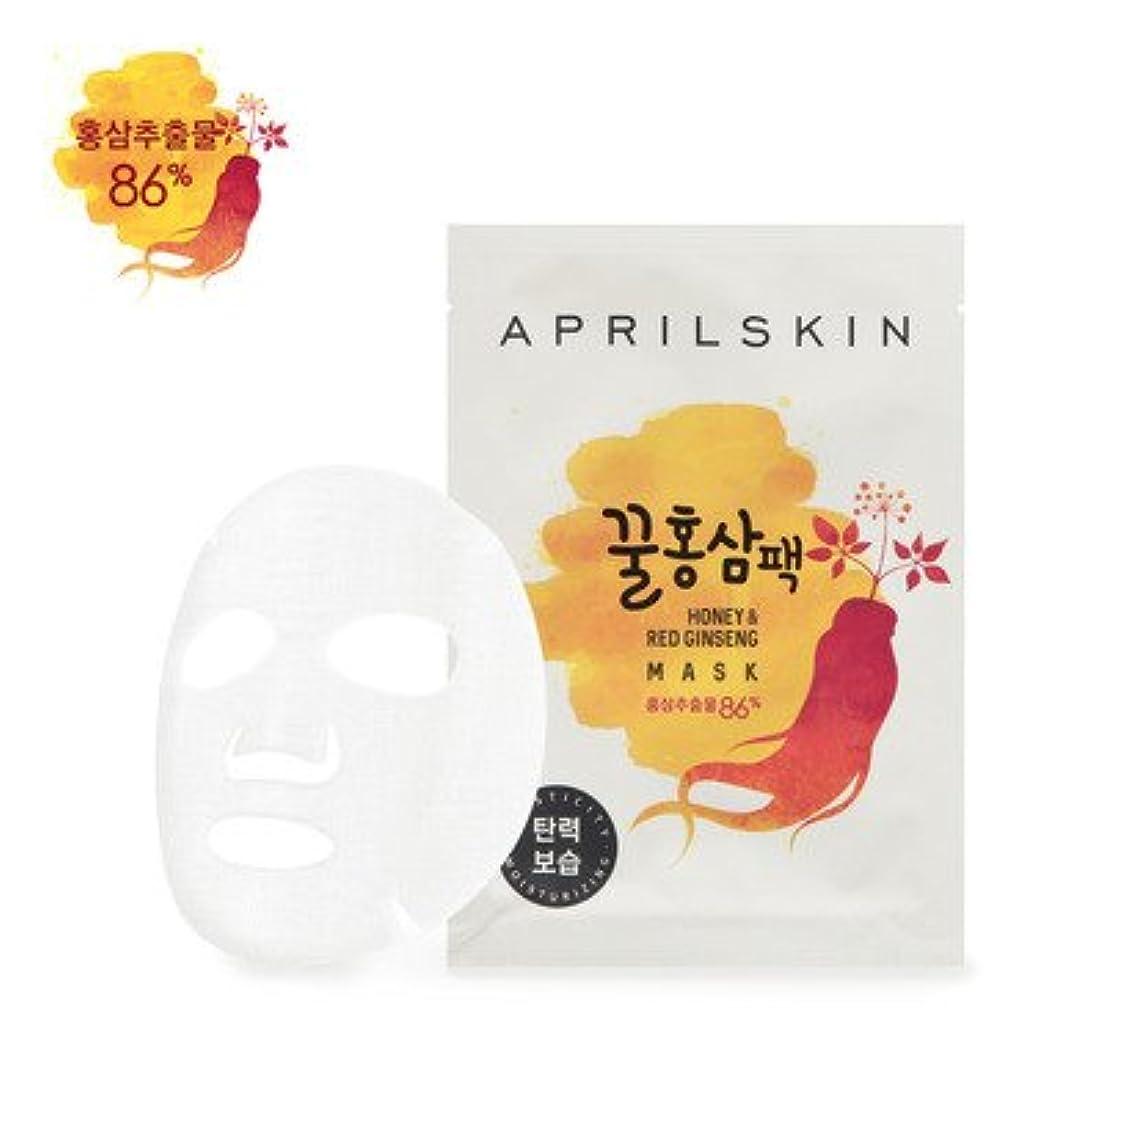 速報気候蒸し器APRILSKIN Honey & Red Ginseng Mask 25g × 10EA/エイプリルスキン ハニー&紅参 マスク 25g × 10枚 [並行輸入品]